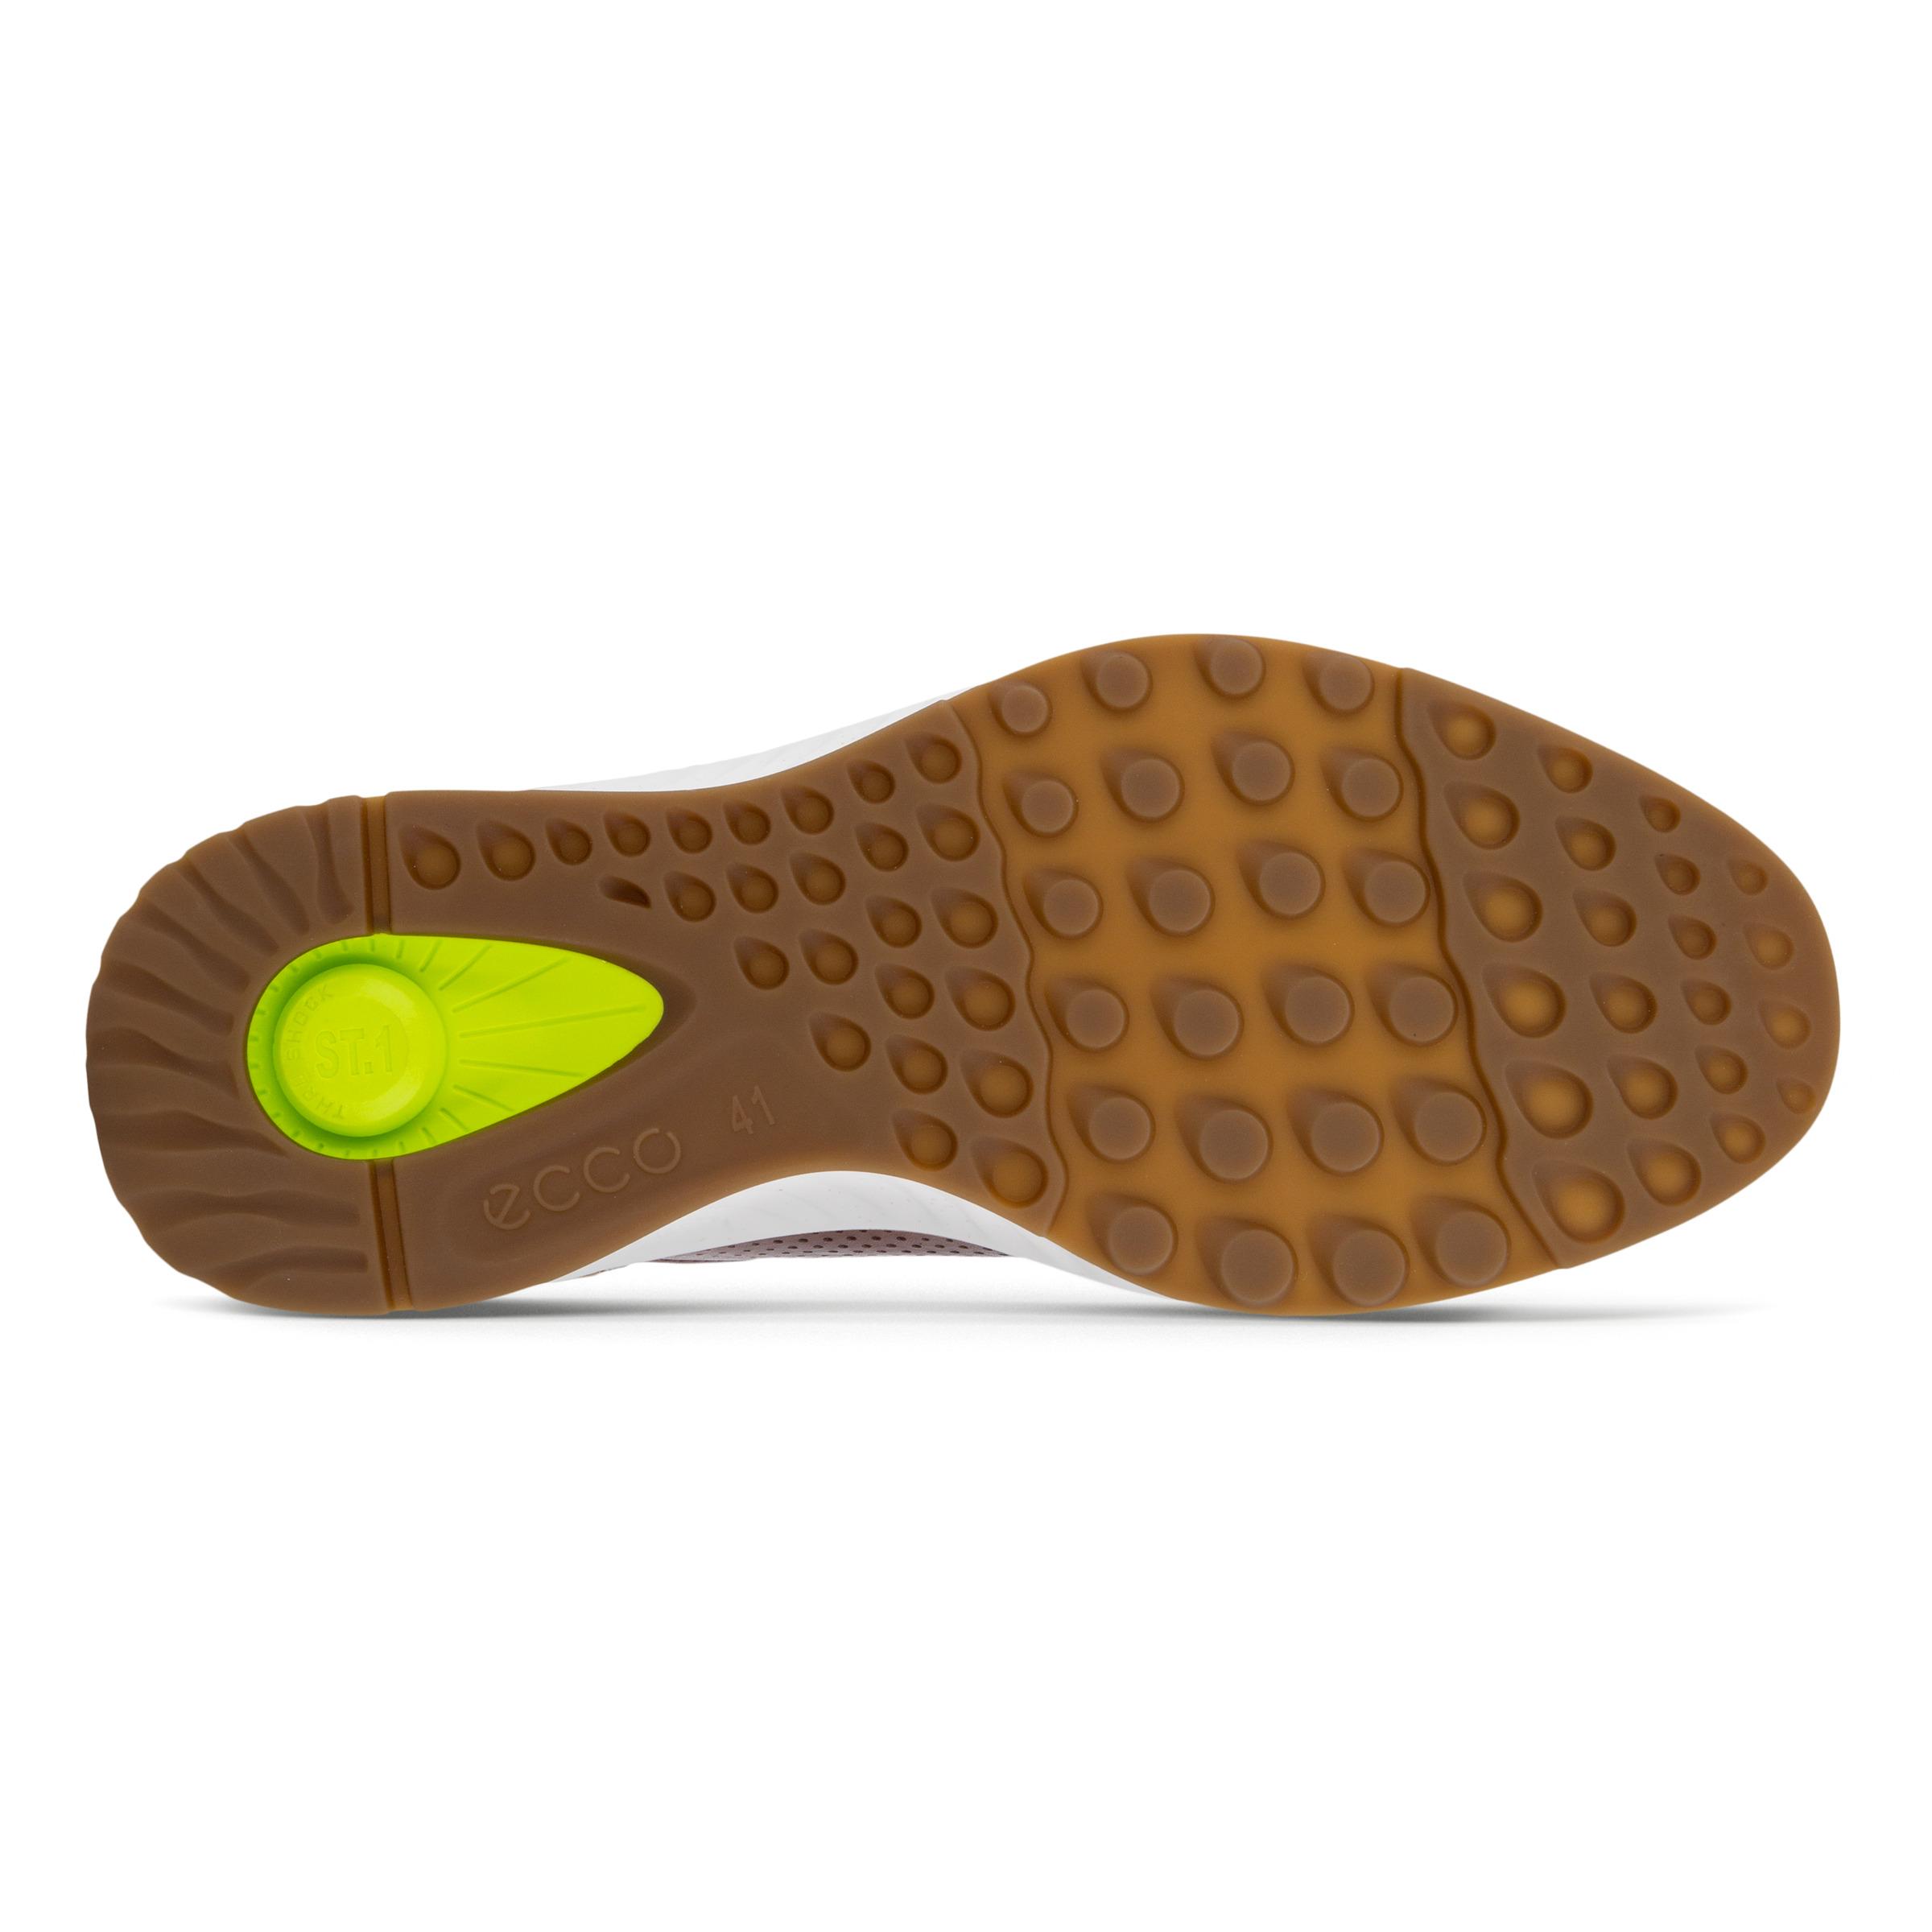 Ecco St. 1 Hybrid sko, brun, 41